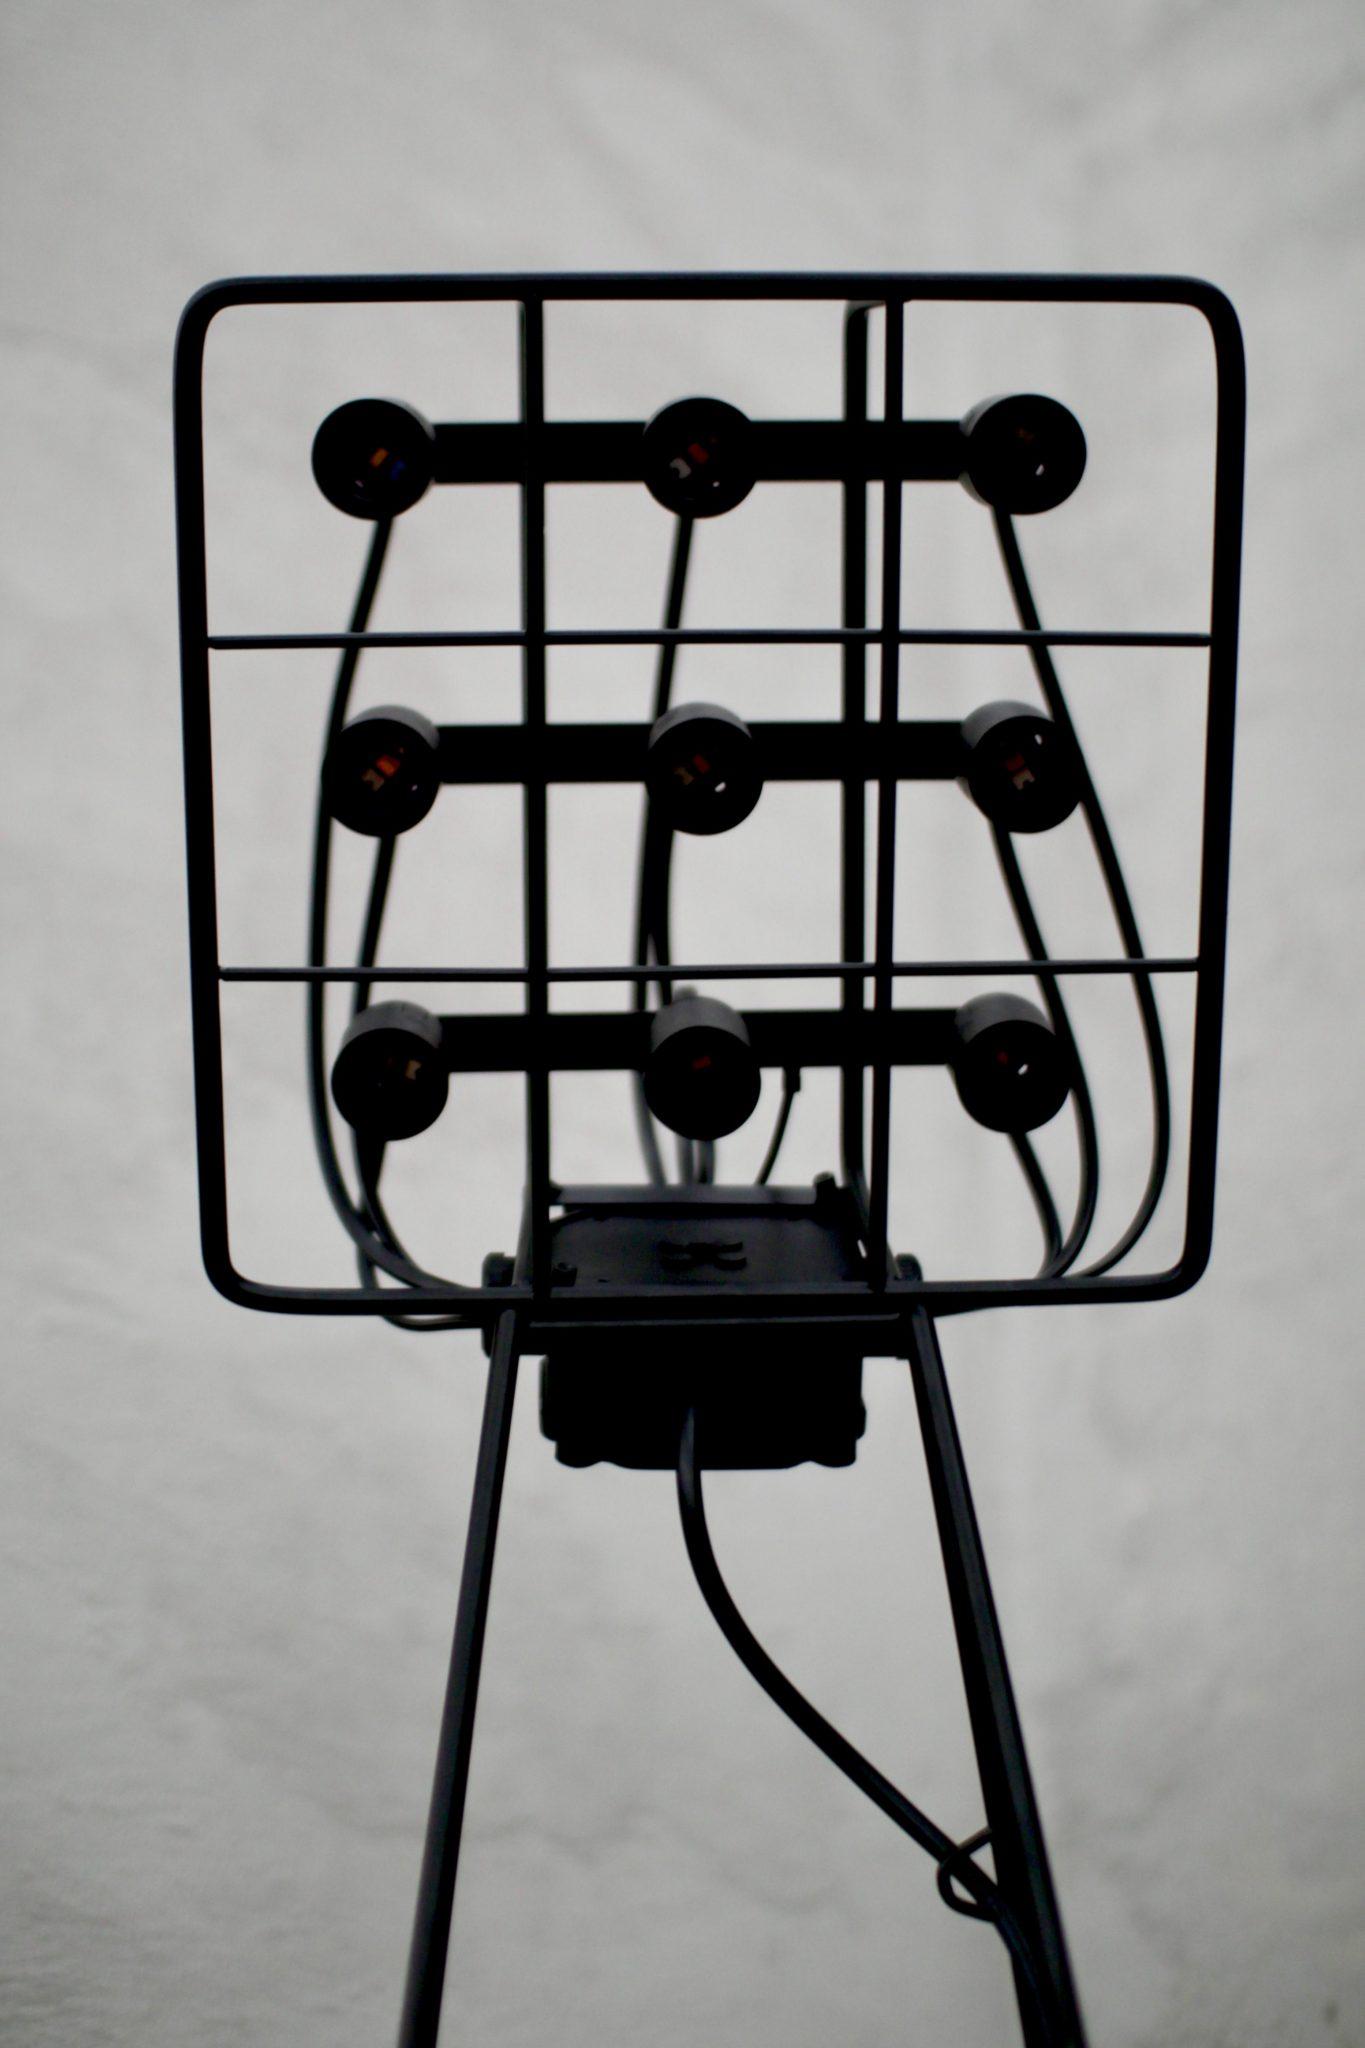 lampa industrialna Icon Grit, lampa metalowa, lampa przemysłowa, lampa loftowa, lampa podłogowwa